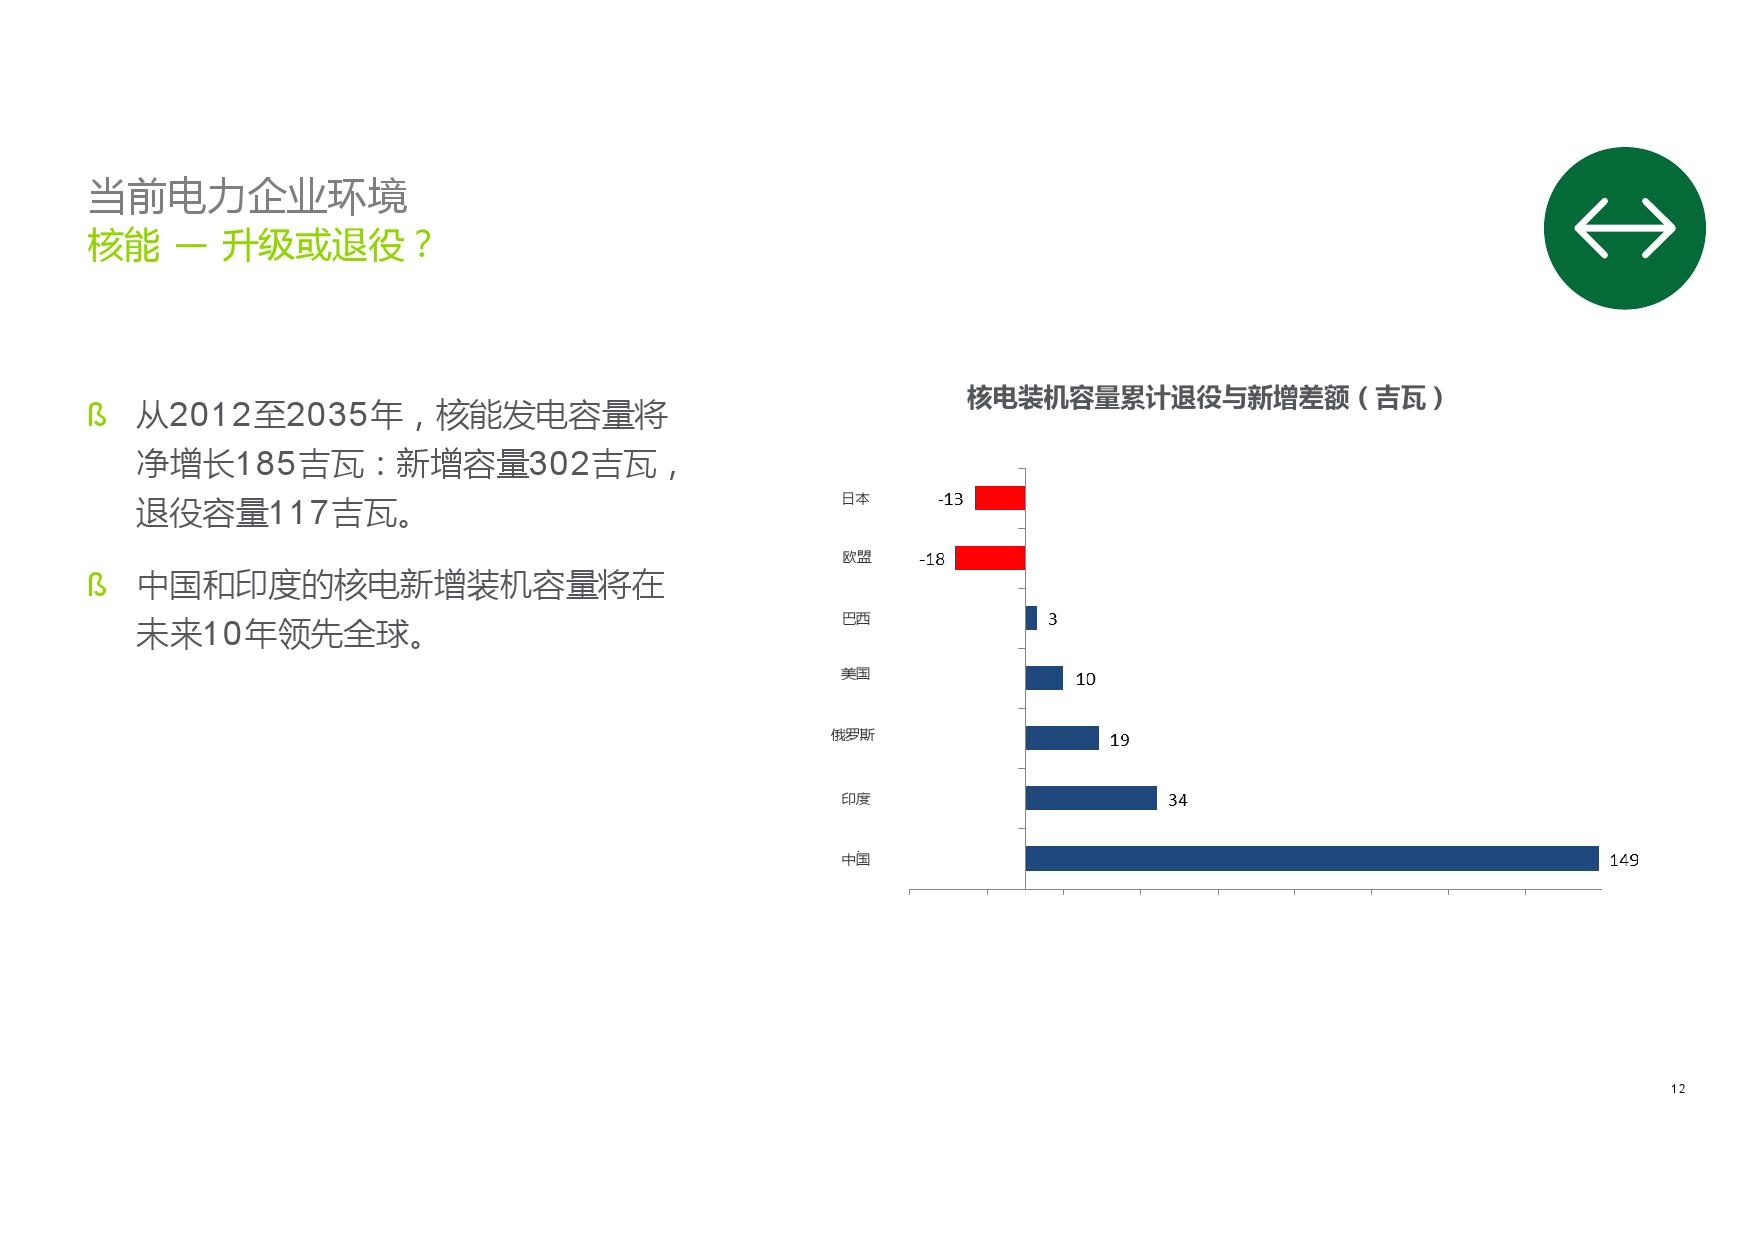 德勤:2016全球电力行业未来发展报告_000012